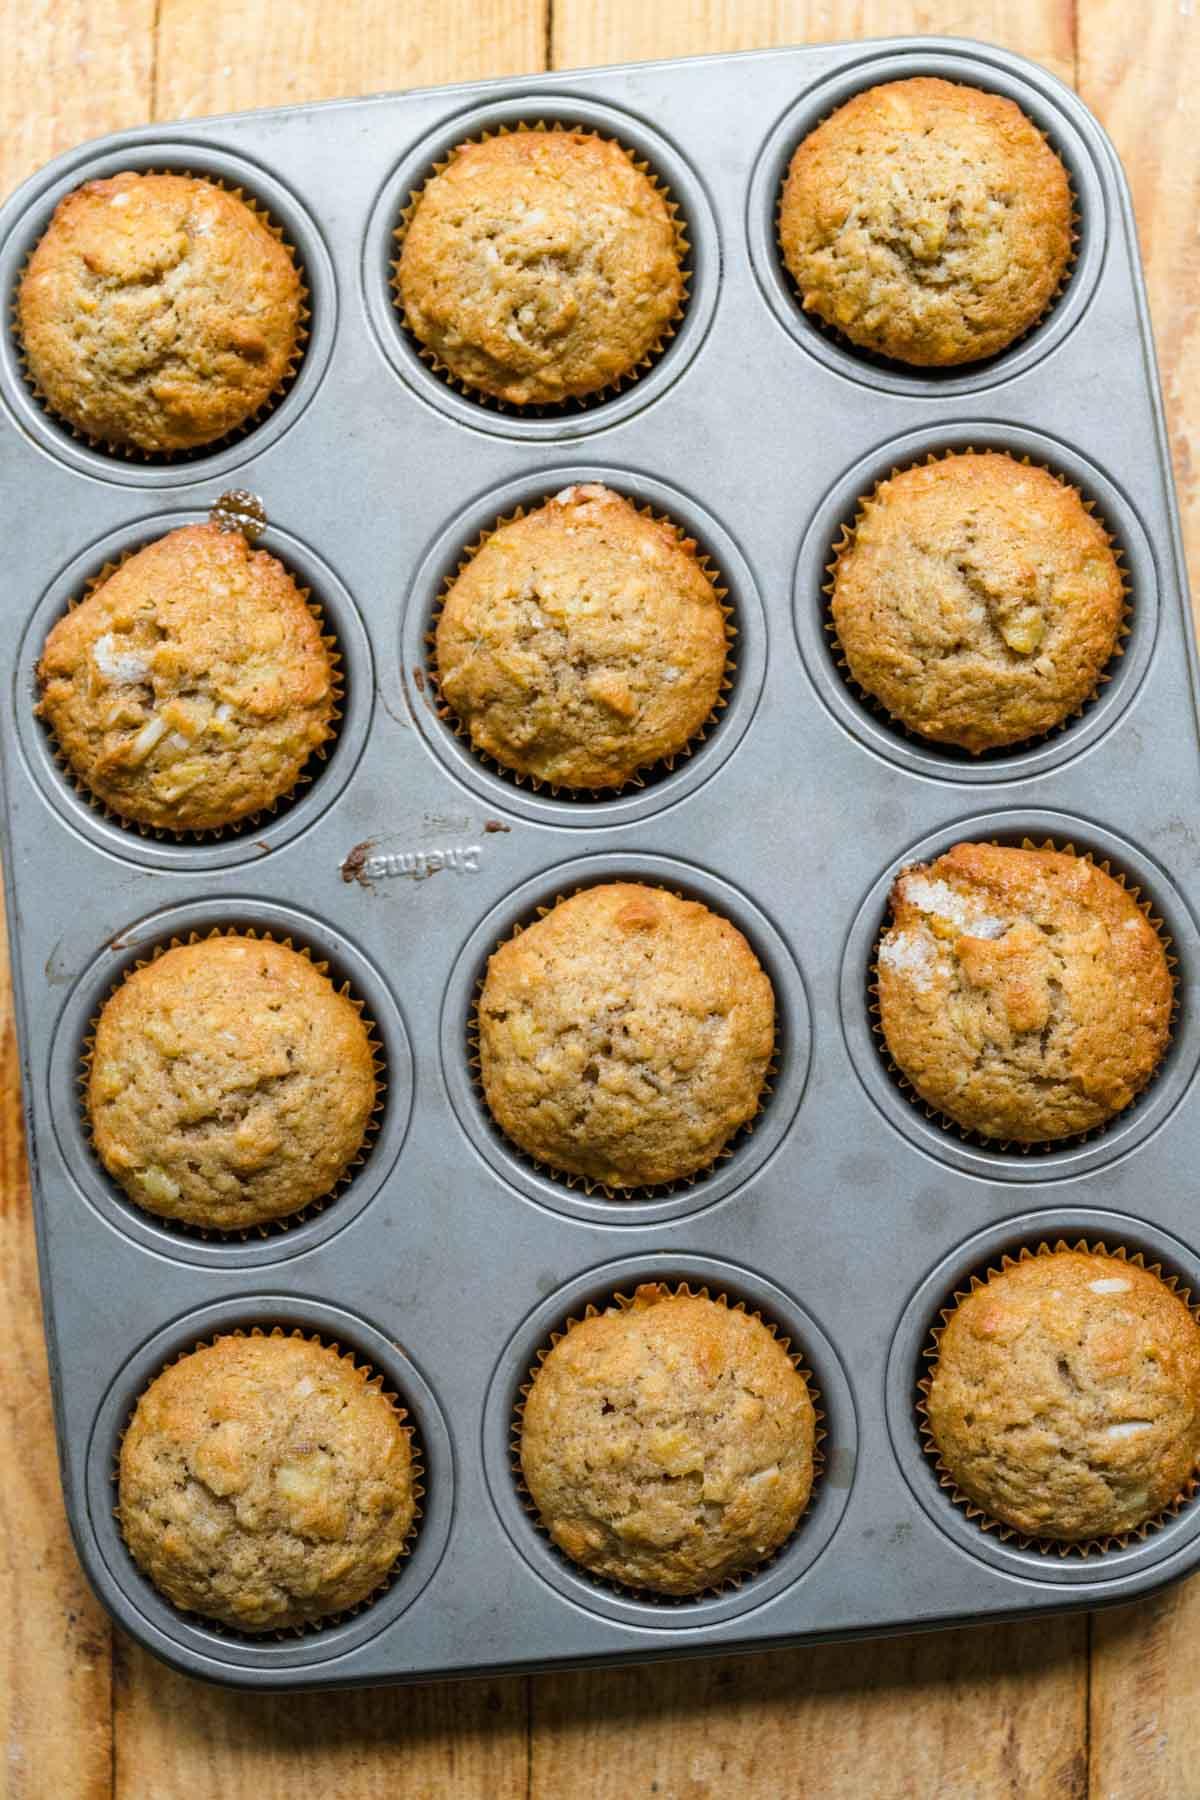 Hummingbird Cupcakes in cupcake pan